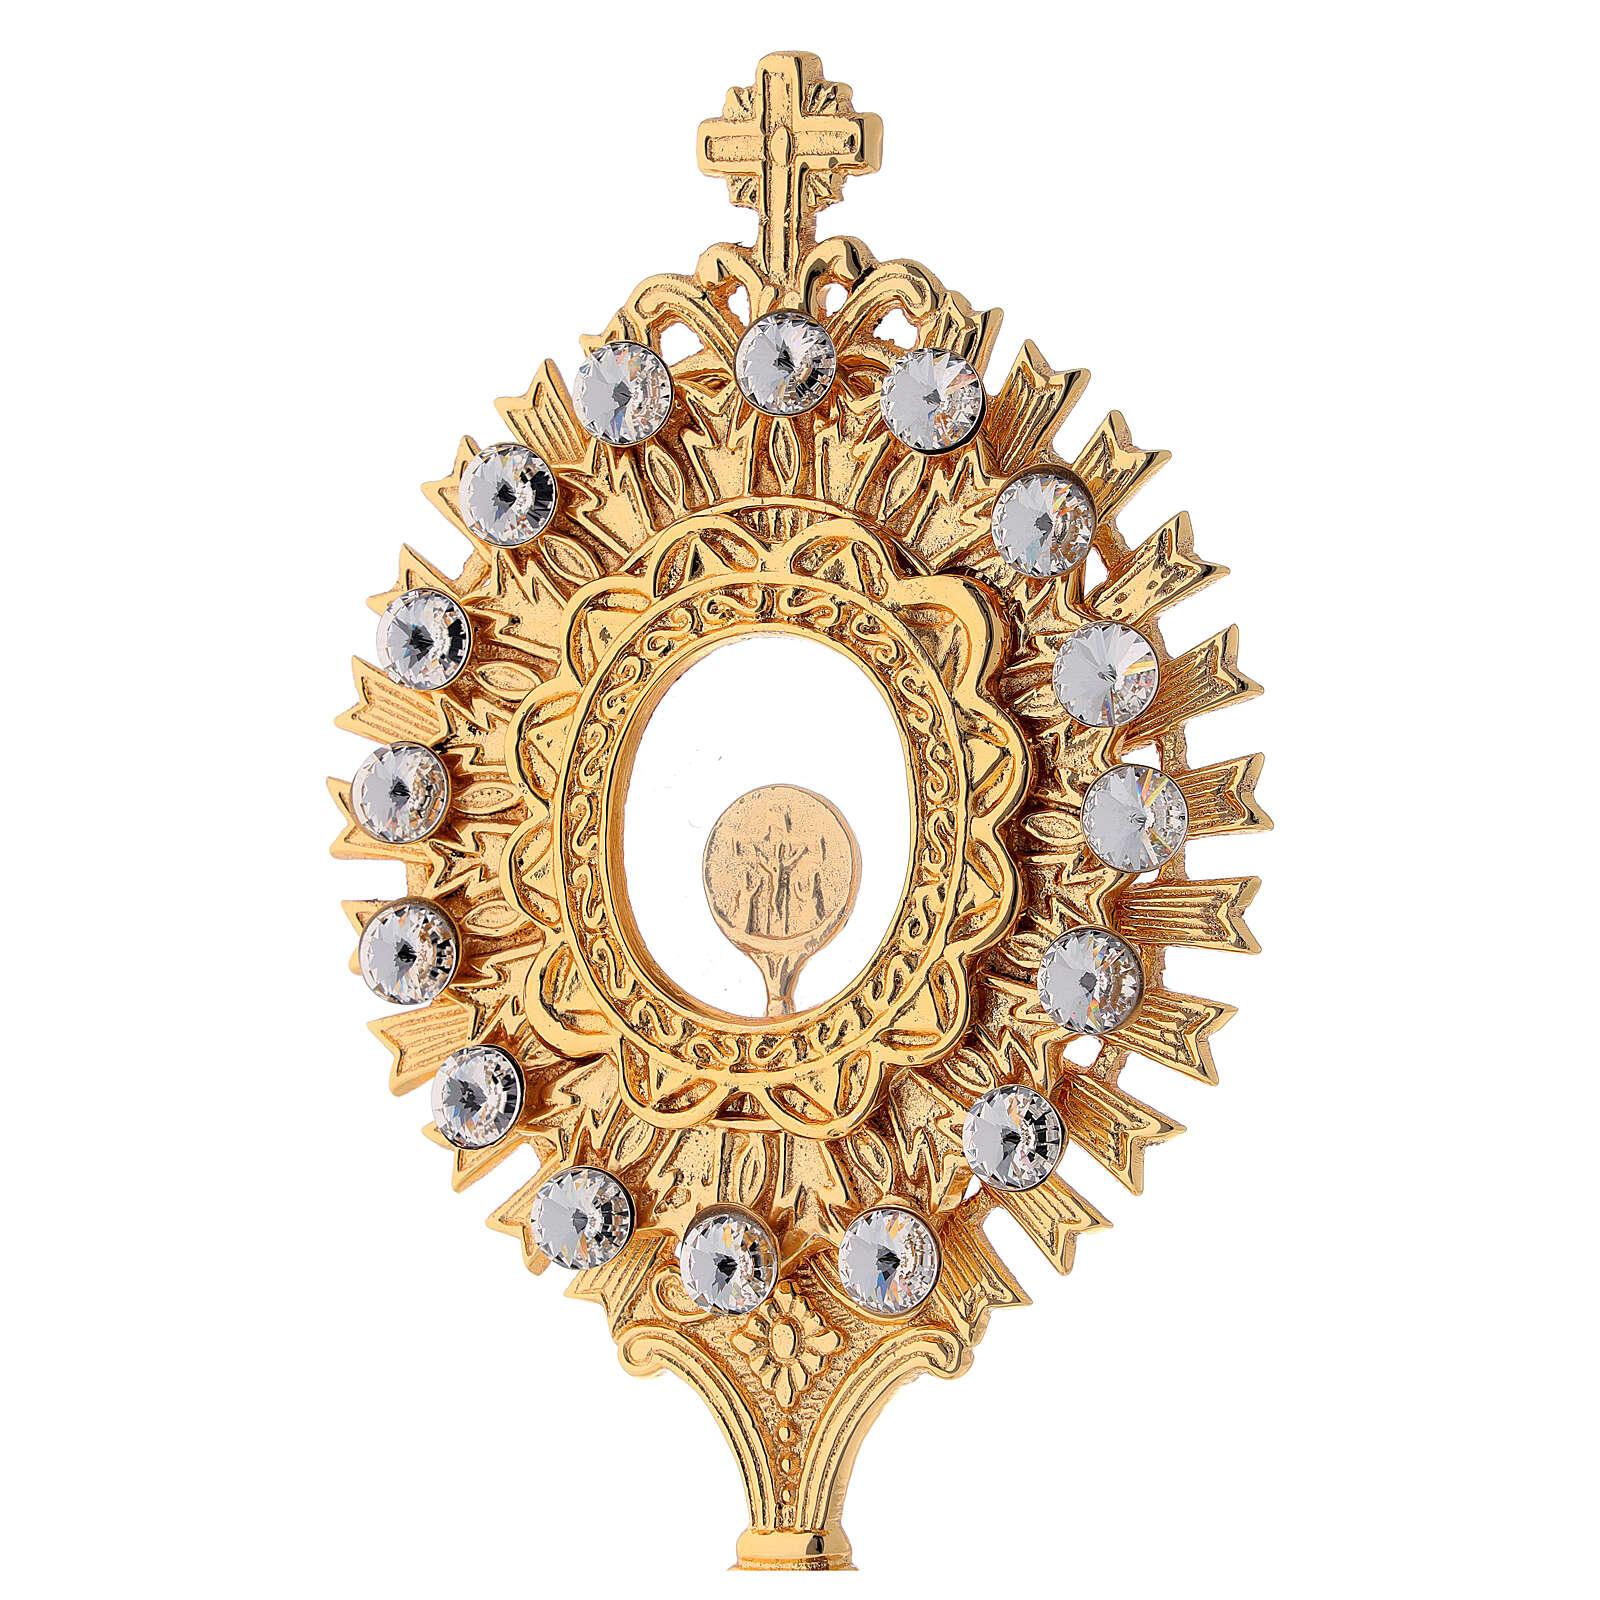 Reliquiario ottone dorato cristalli bianchi altezza 20 cm 4